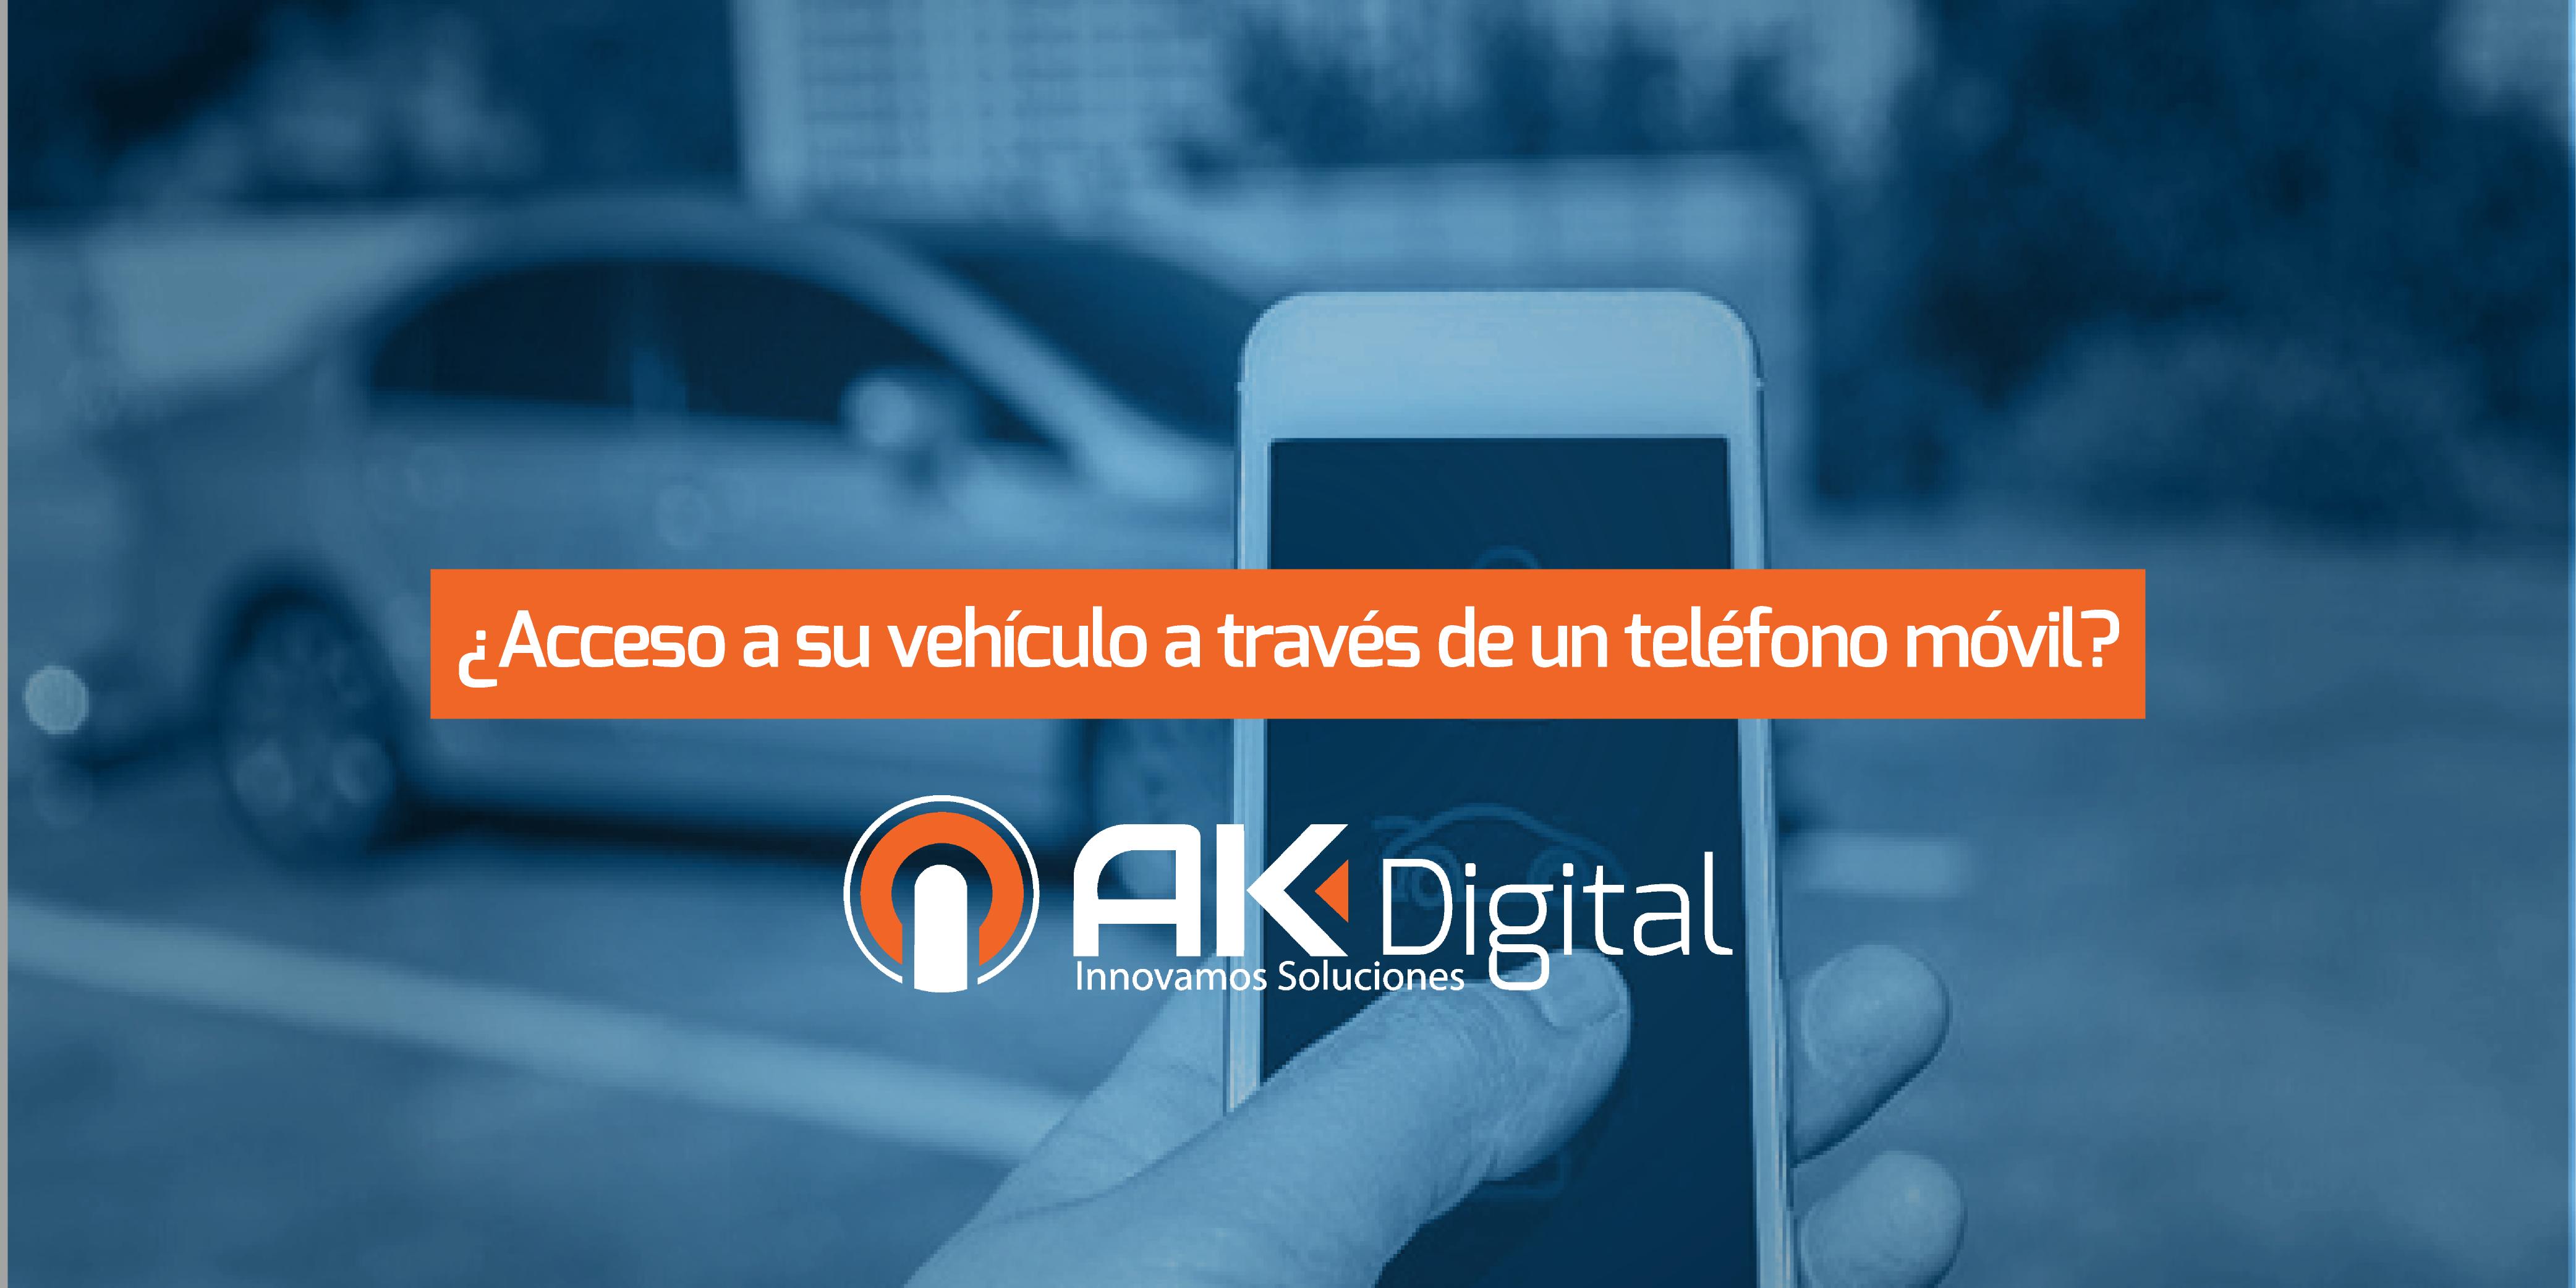 ¿Acceso a su vehículo através de un teléfono móvil?